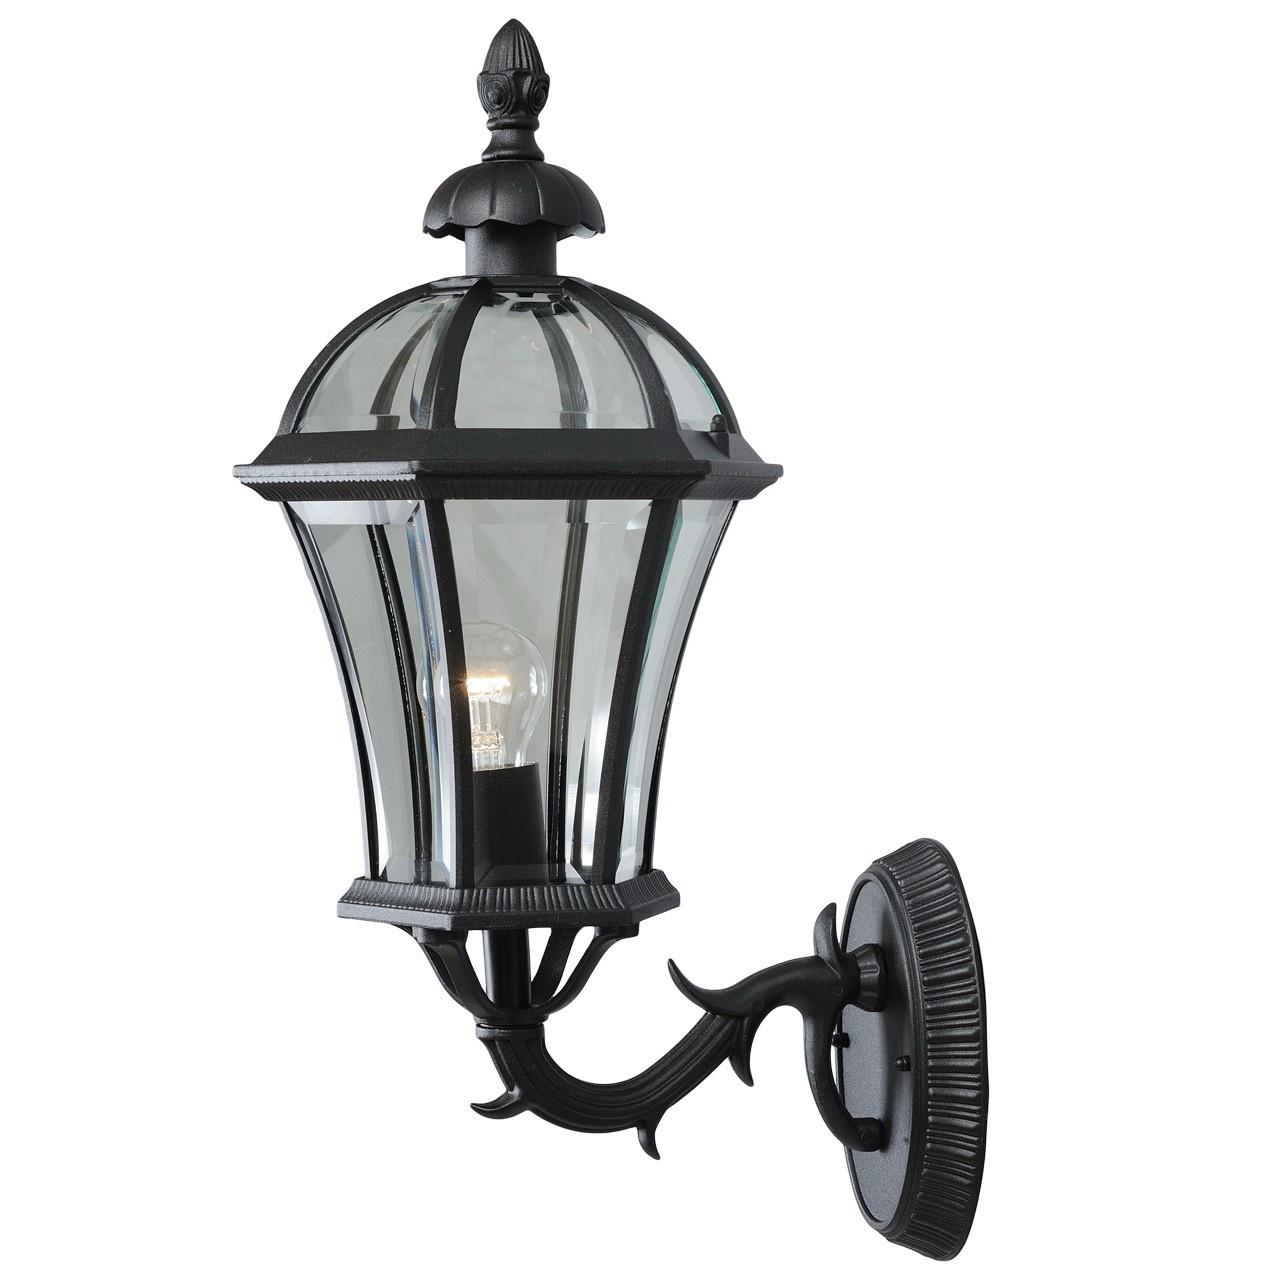 Светильник De Markt 811020101811020101Уличный светильник из коллекции «Сандра» - воплощение утонченного и строгого вкуса. Чёрное основание из алюминия выглядит очень изящно. Под стать ему – стеклянный плафон необычной, плавно изогнутой формы. Светильник своим дизайном напомнит о средневековых интерьерах. Он гармонично дополнит обстановку беседки, веранды, холла или террасы. Рекомендуемая площадь освещения порядка 5 кв.м.